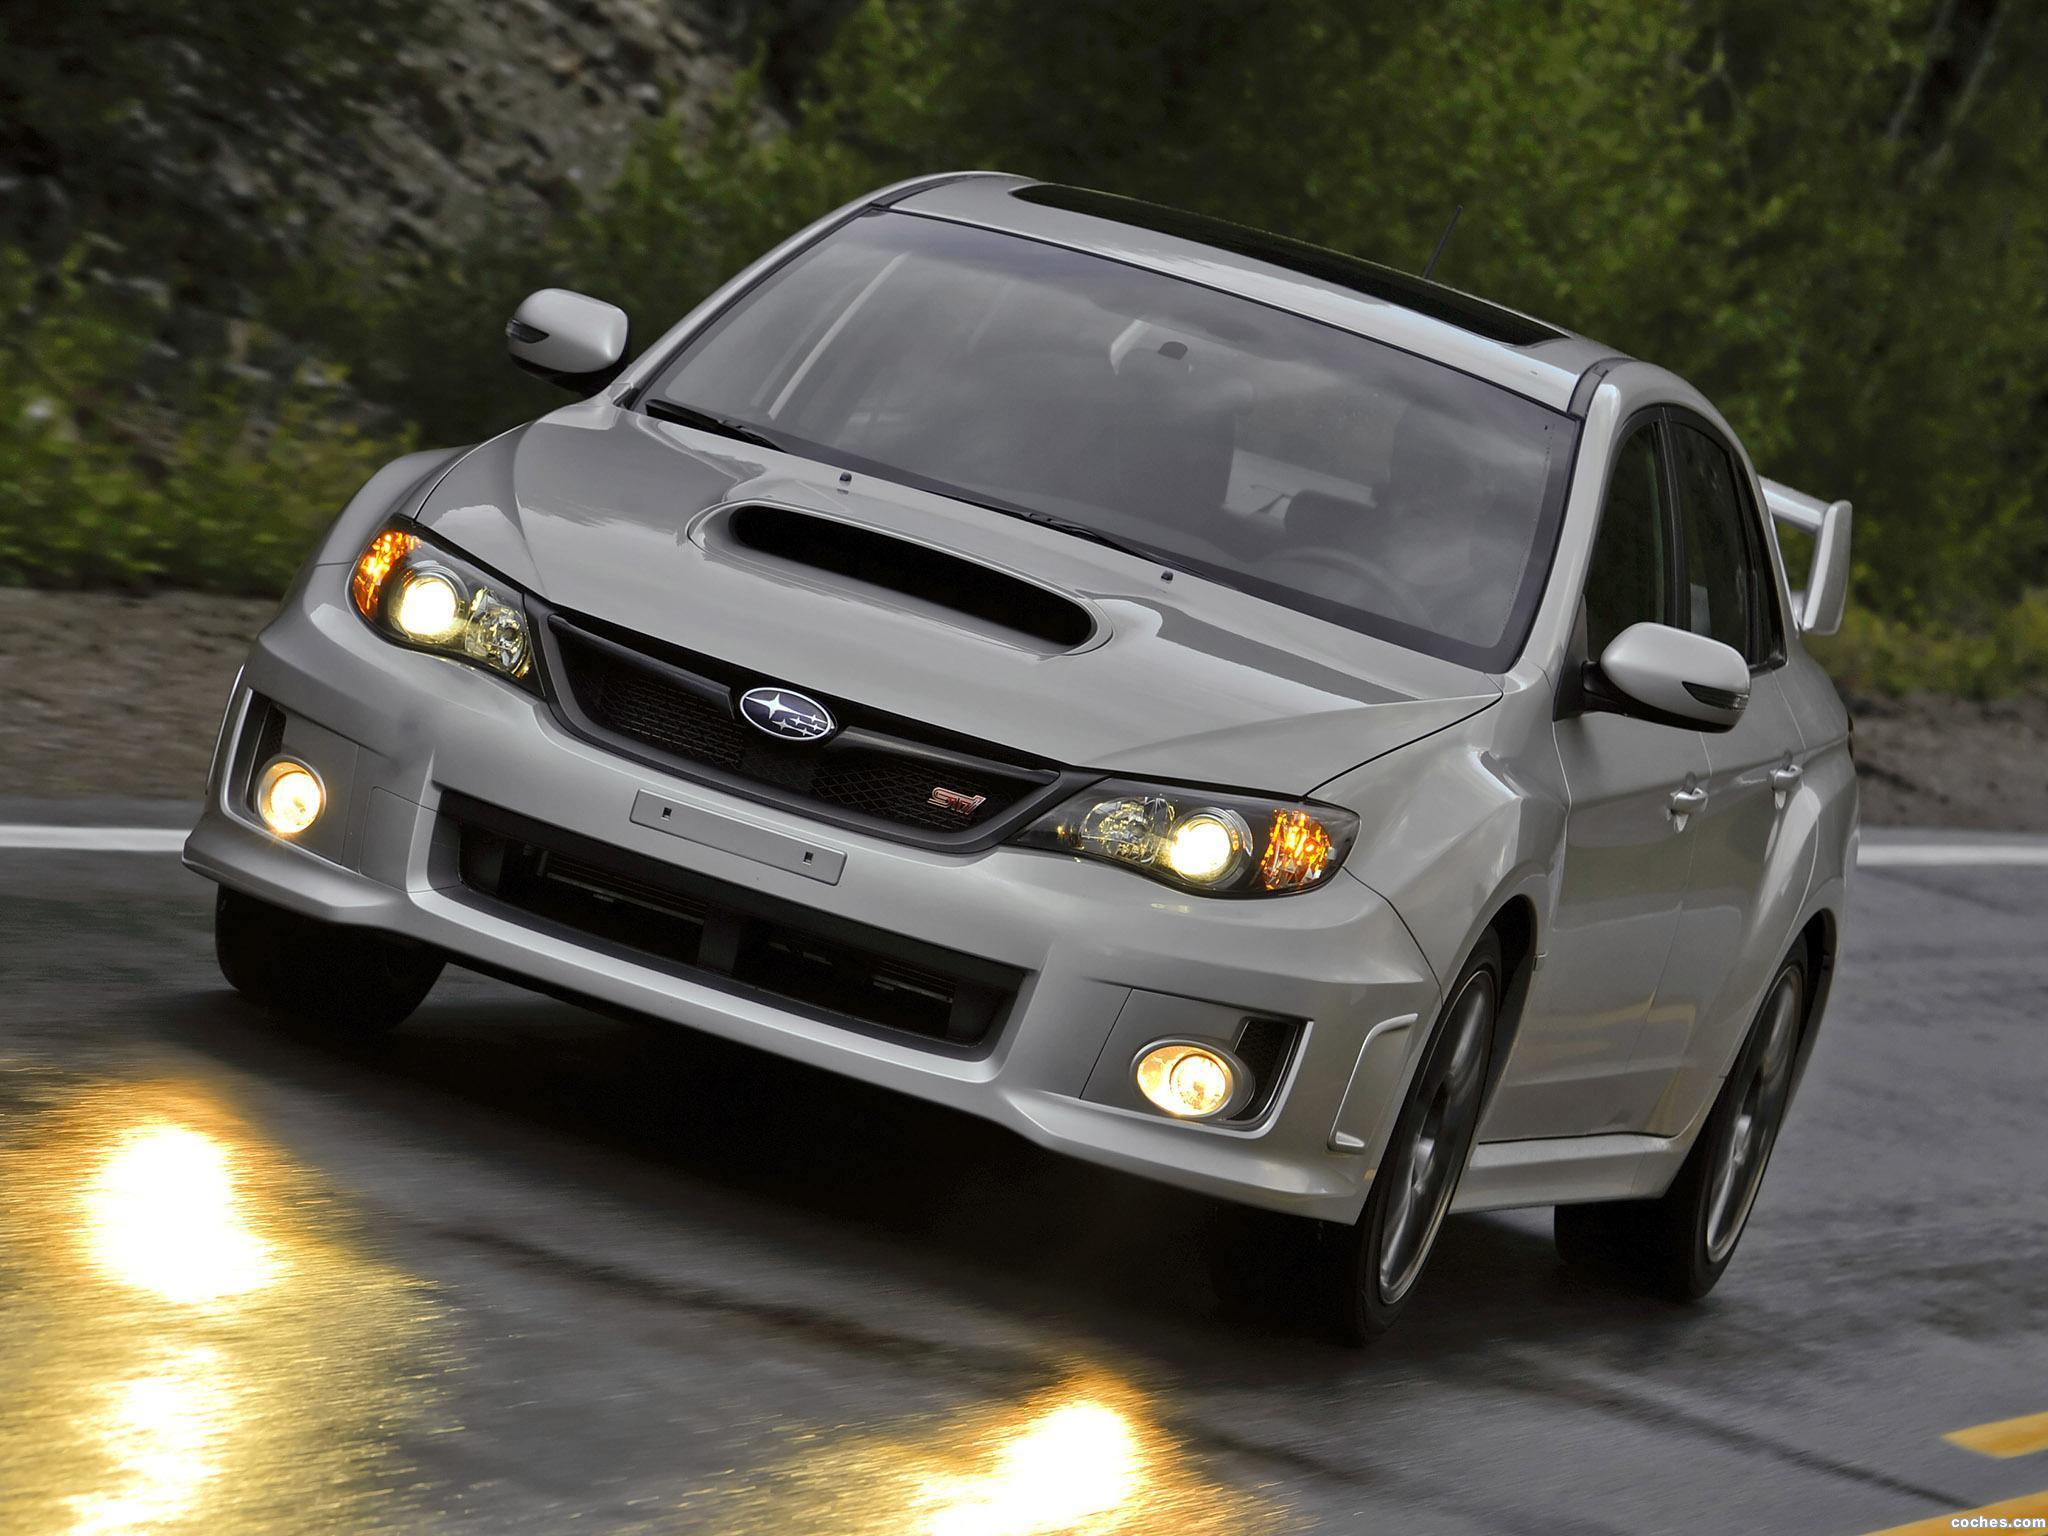 Foto 11 de Subaru Impreza WRX STi Sedan USA 2010